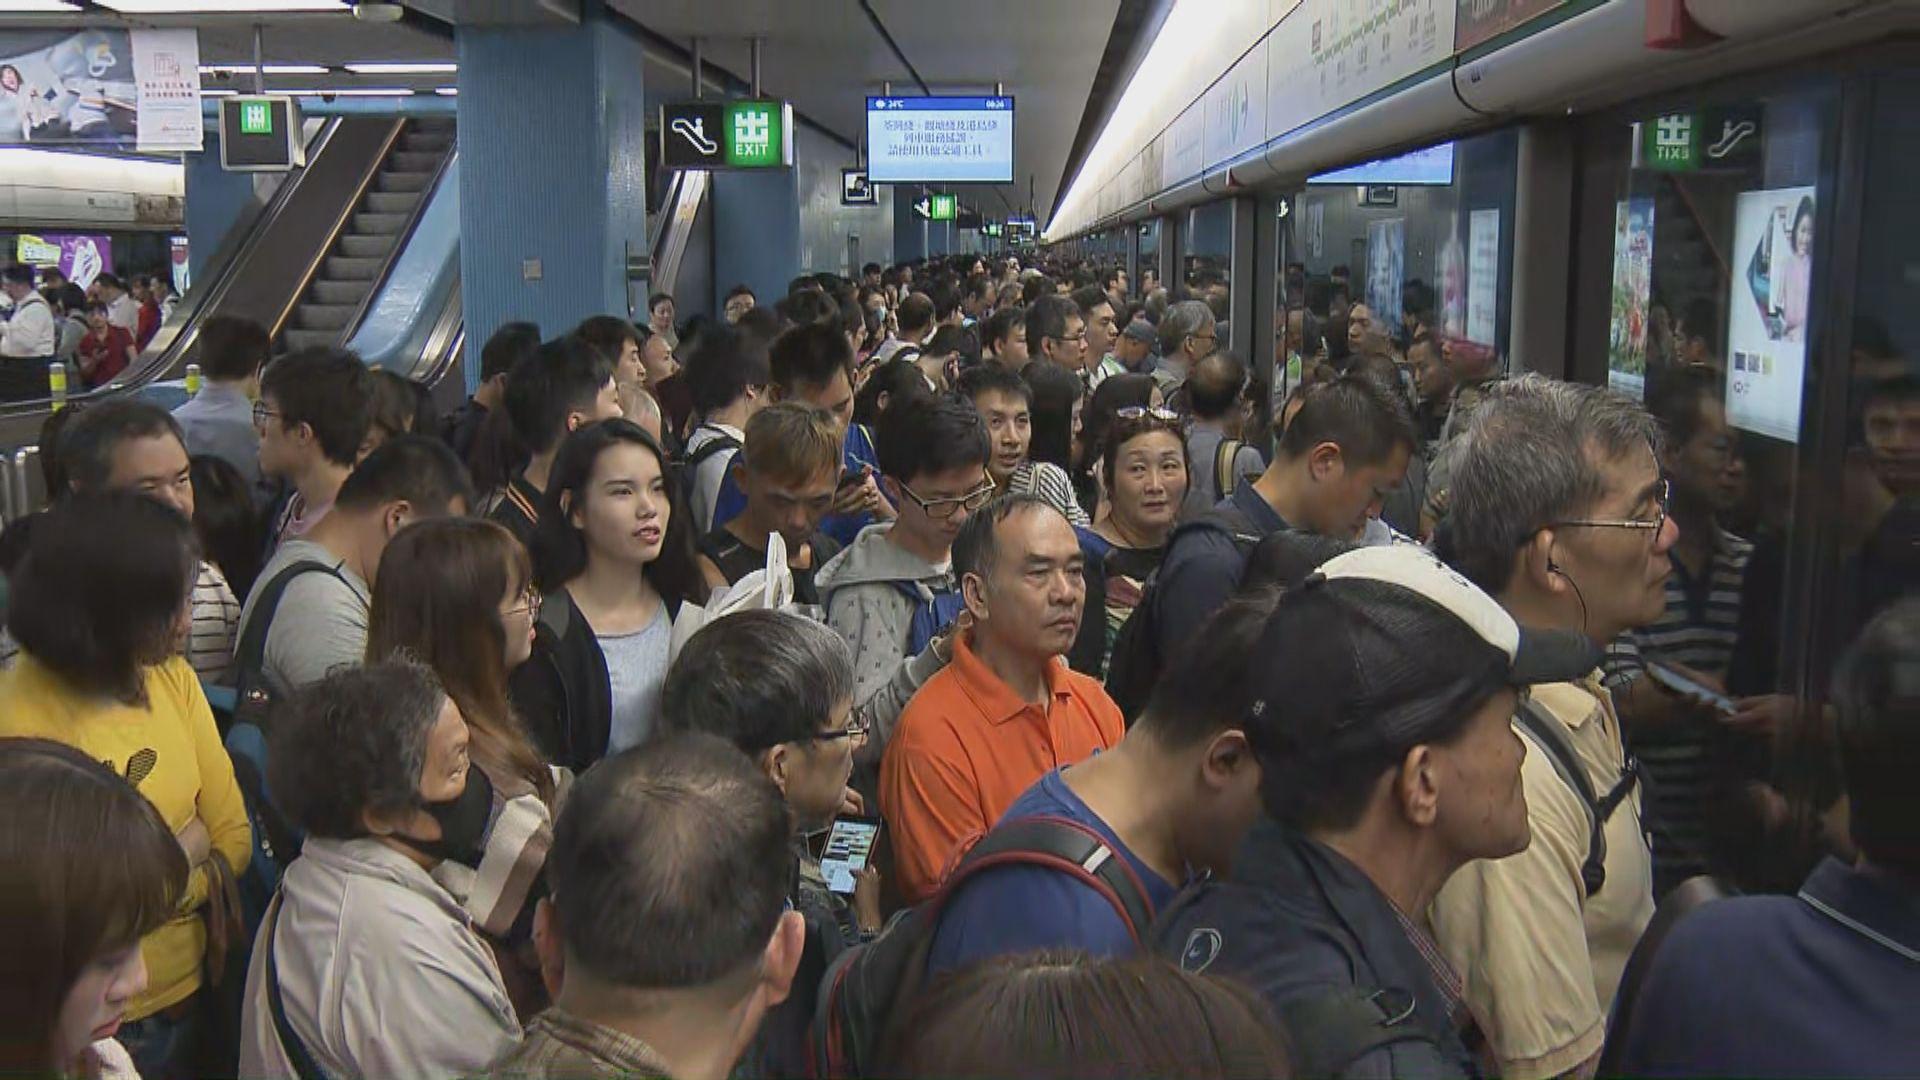 港鐵:四綫信號故障與新系統無關